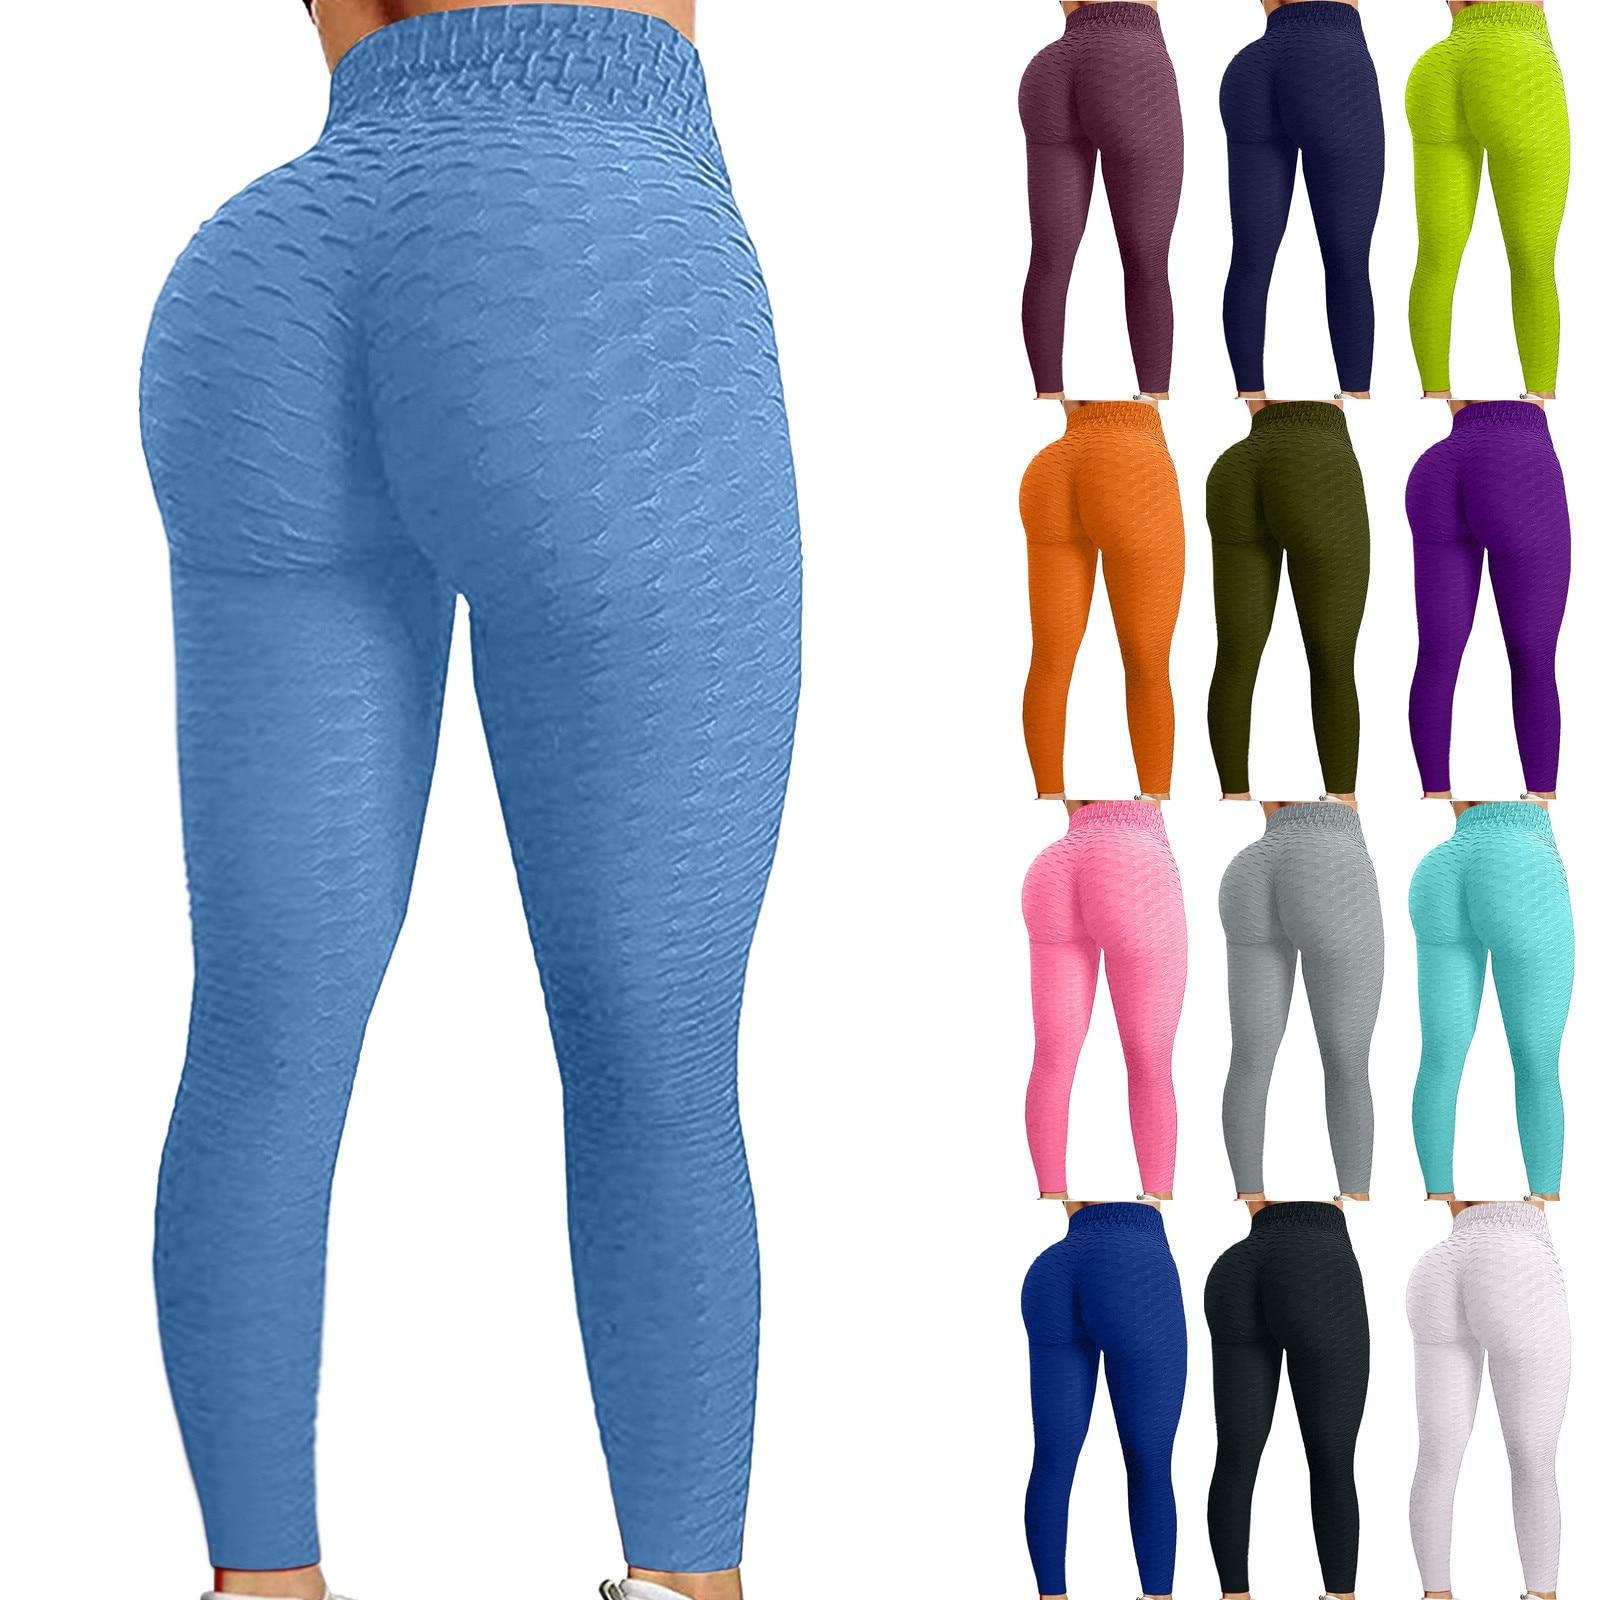 Однотонные леггинсы спортивные штаны Для женщин узкие штаны для фитнеса с высокой талией спортивной тренировки брюки для занятий спортом, ...